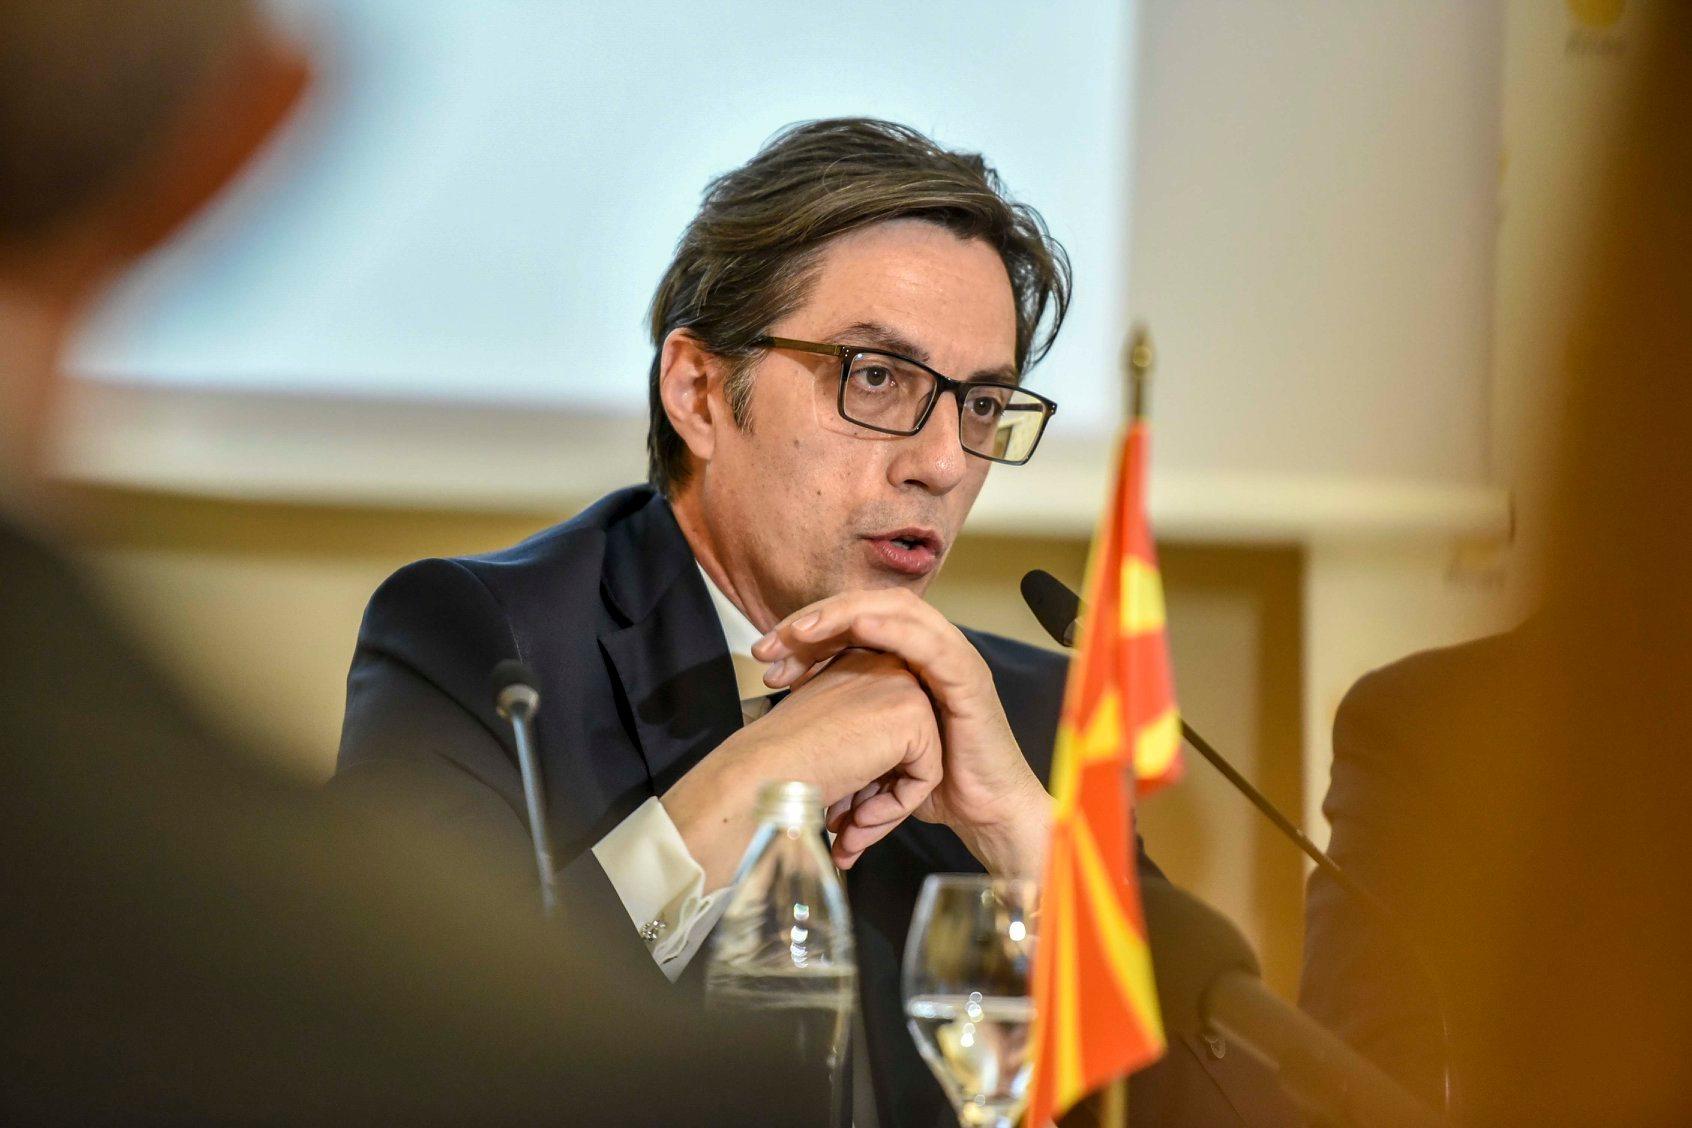 Počele konsultacije oko formiranja vladajuće koalicije u Severnoj Makedoniji